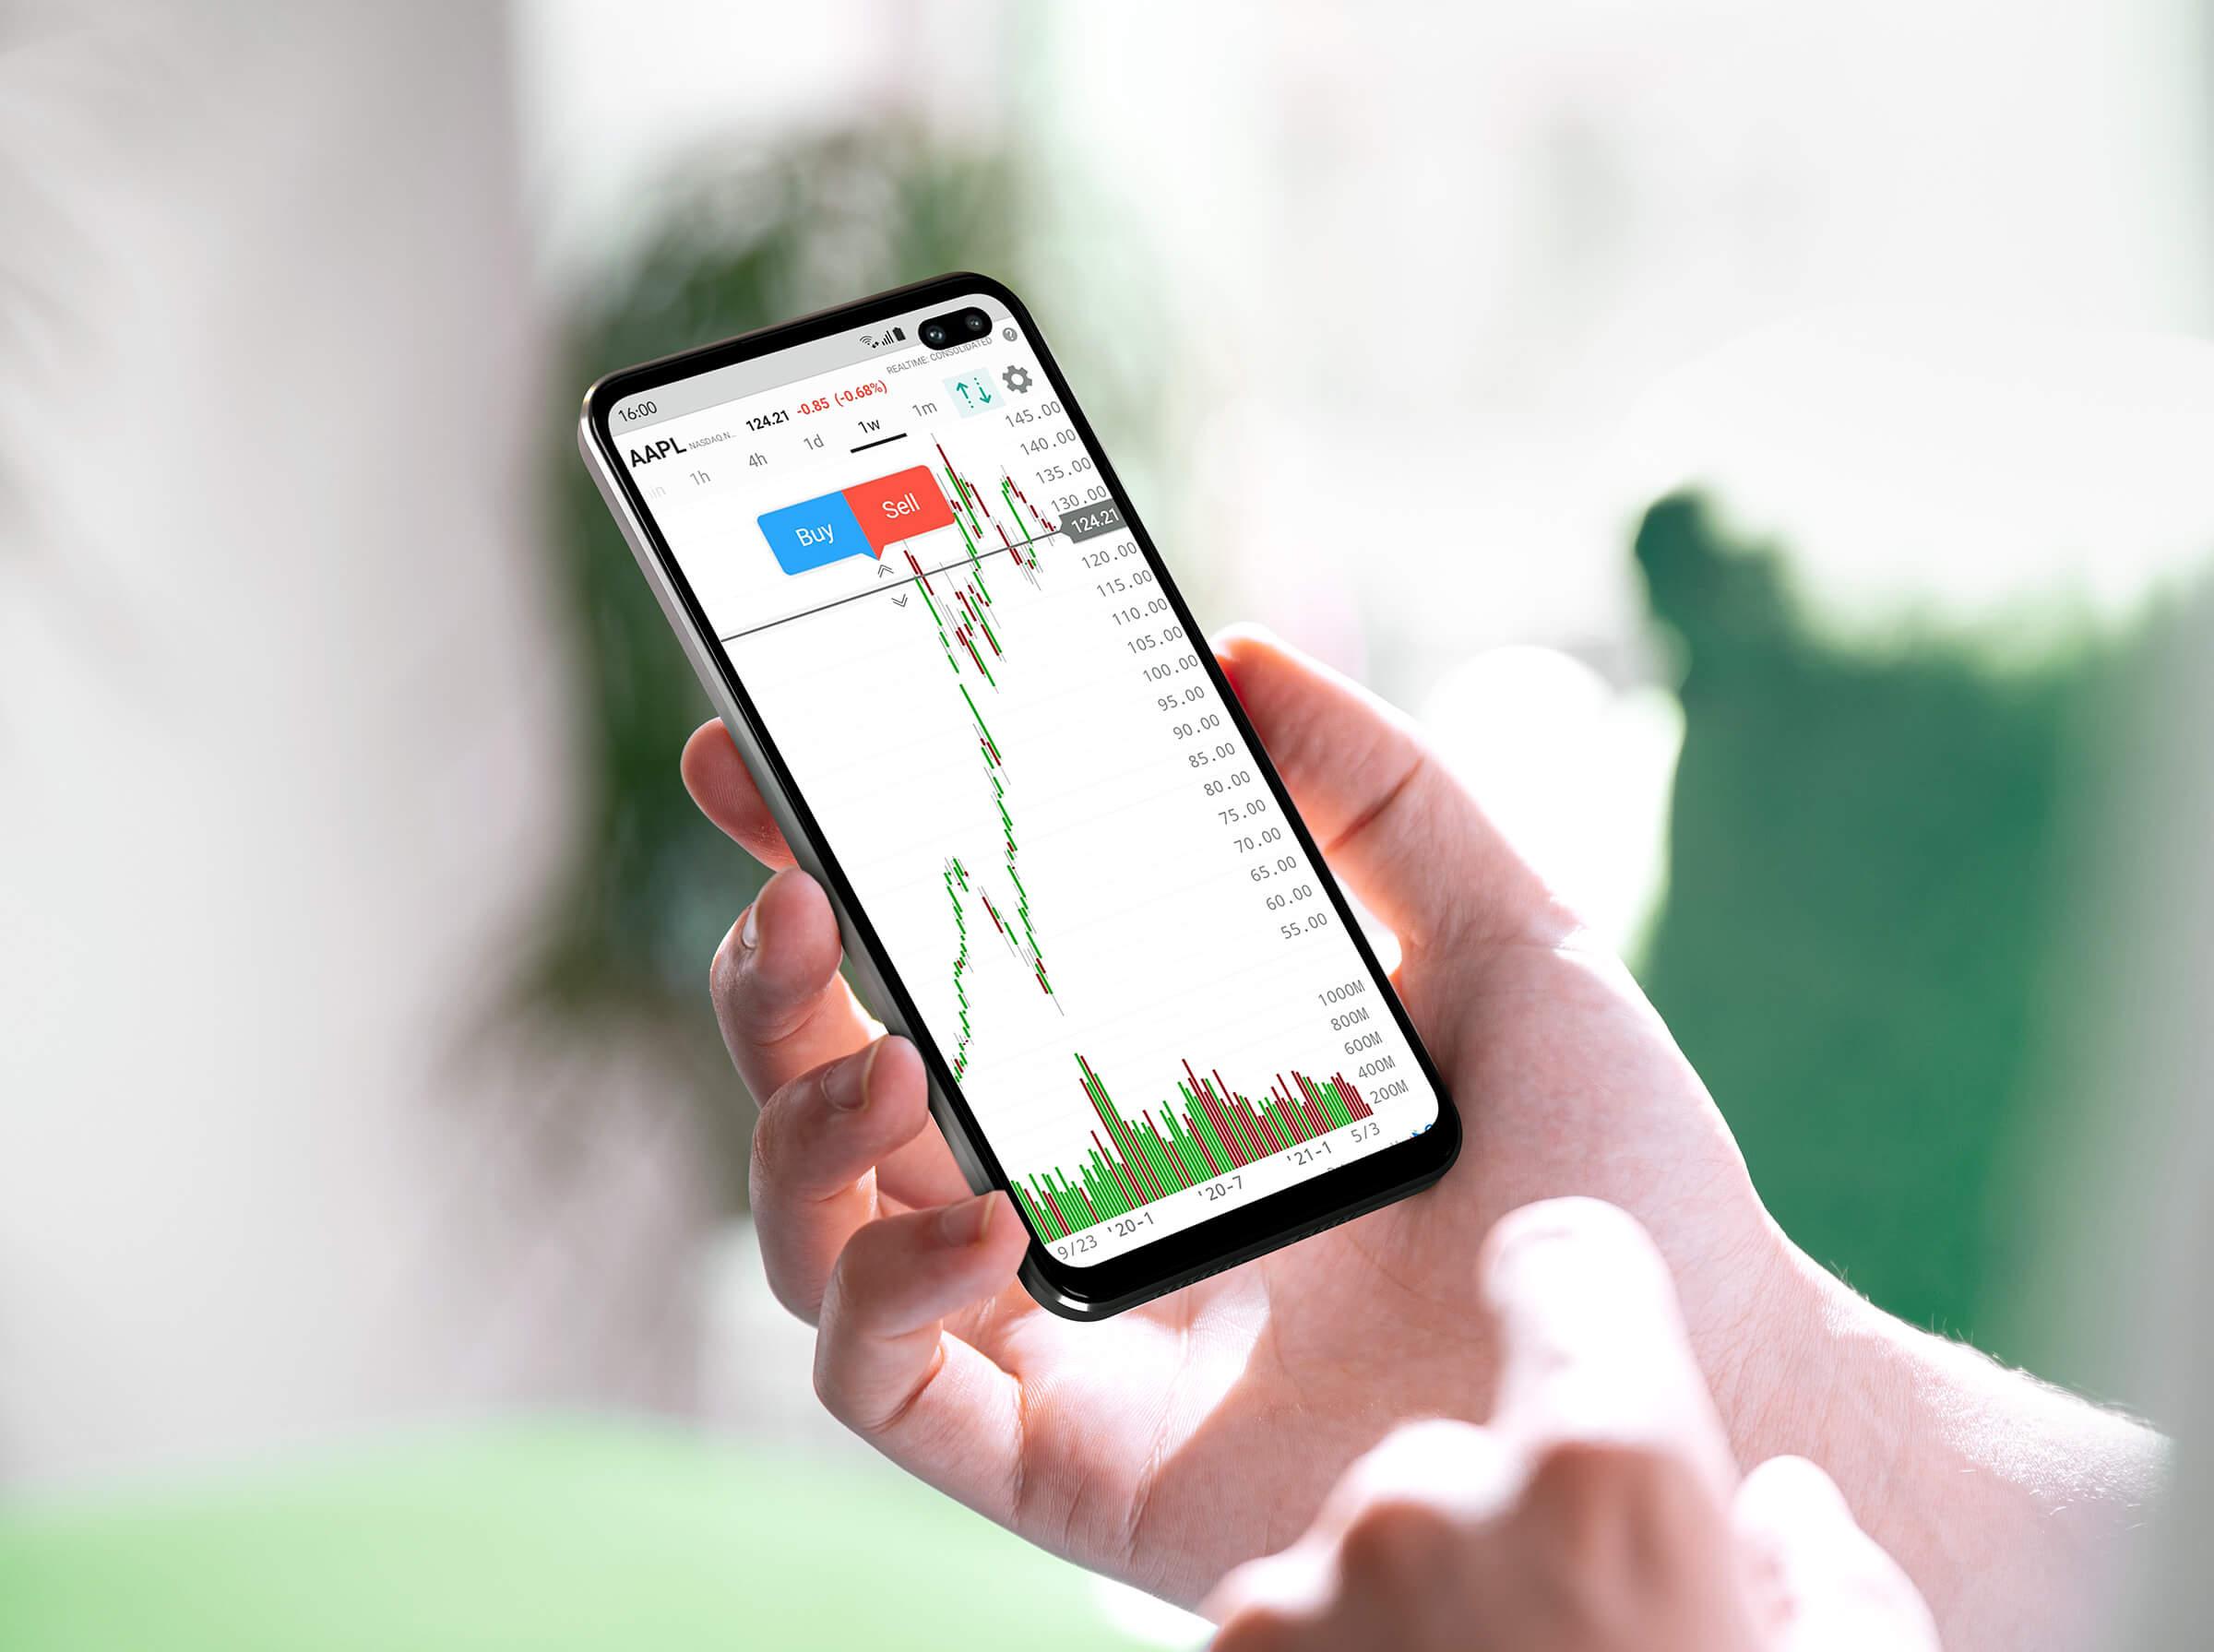 Urządzenie mobilne z systemem operacyjnym Android i aplikacją mobilnąz wykresem cen akcji